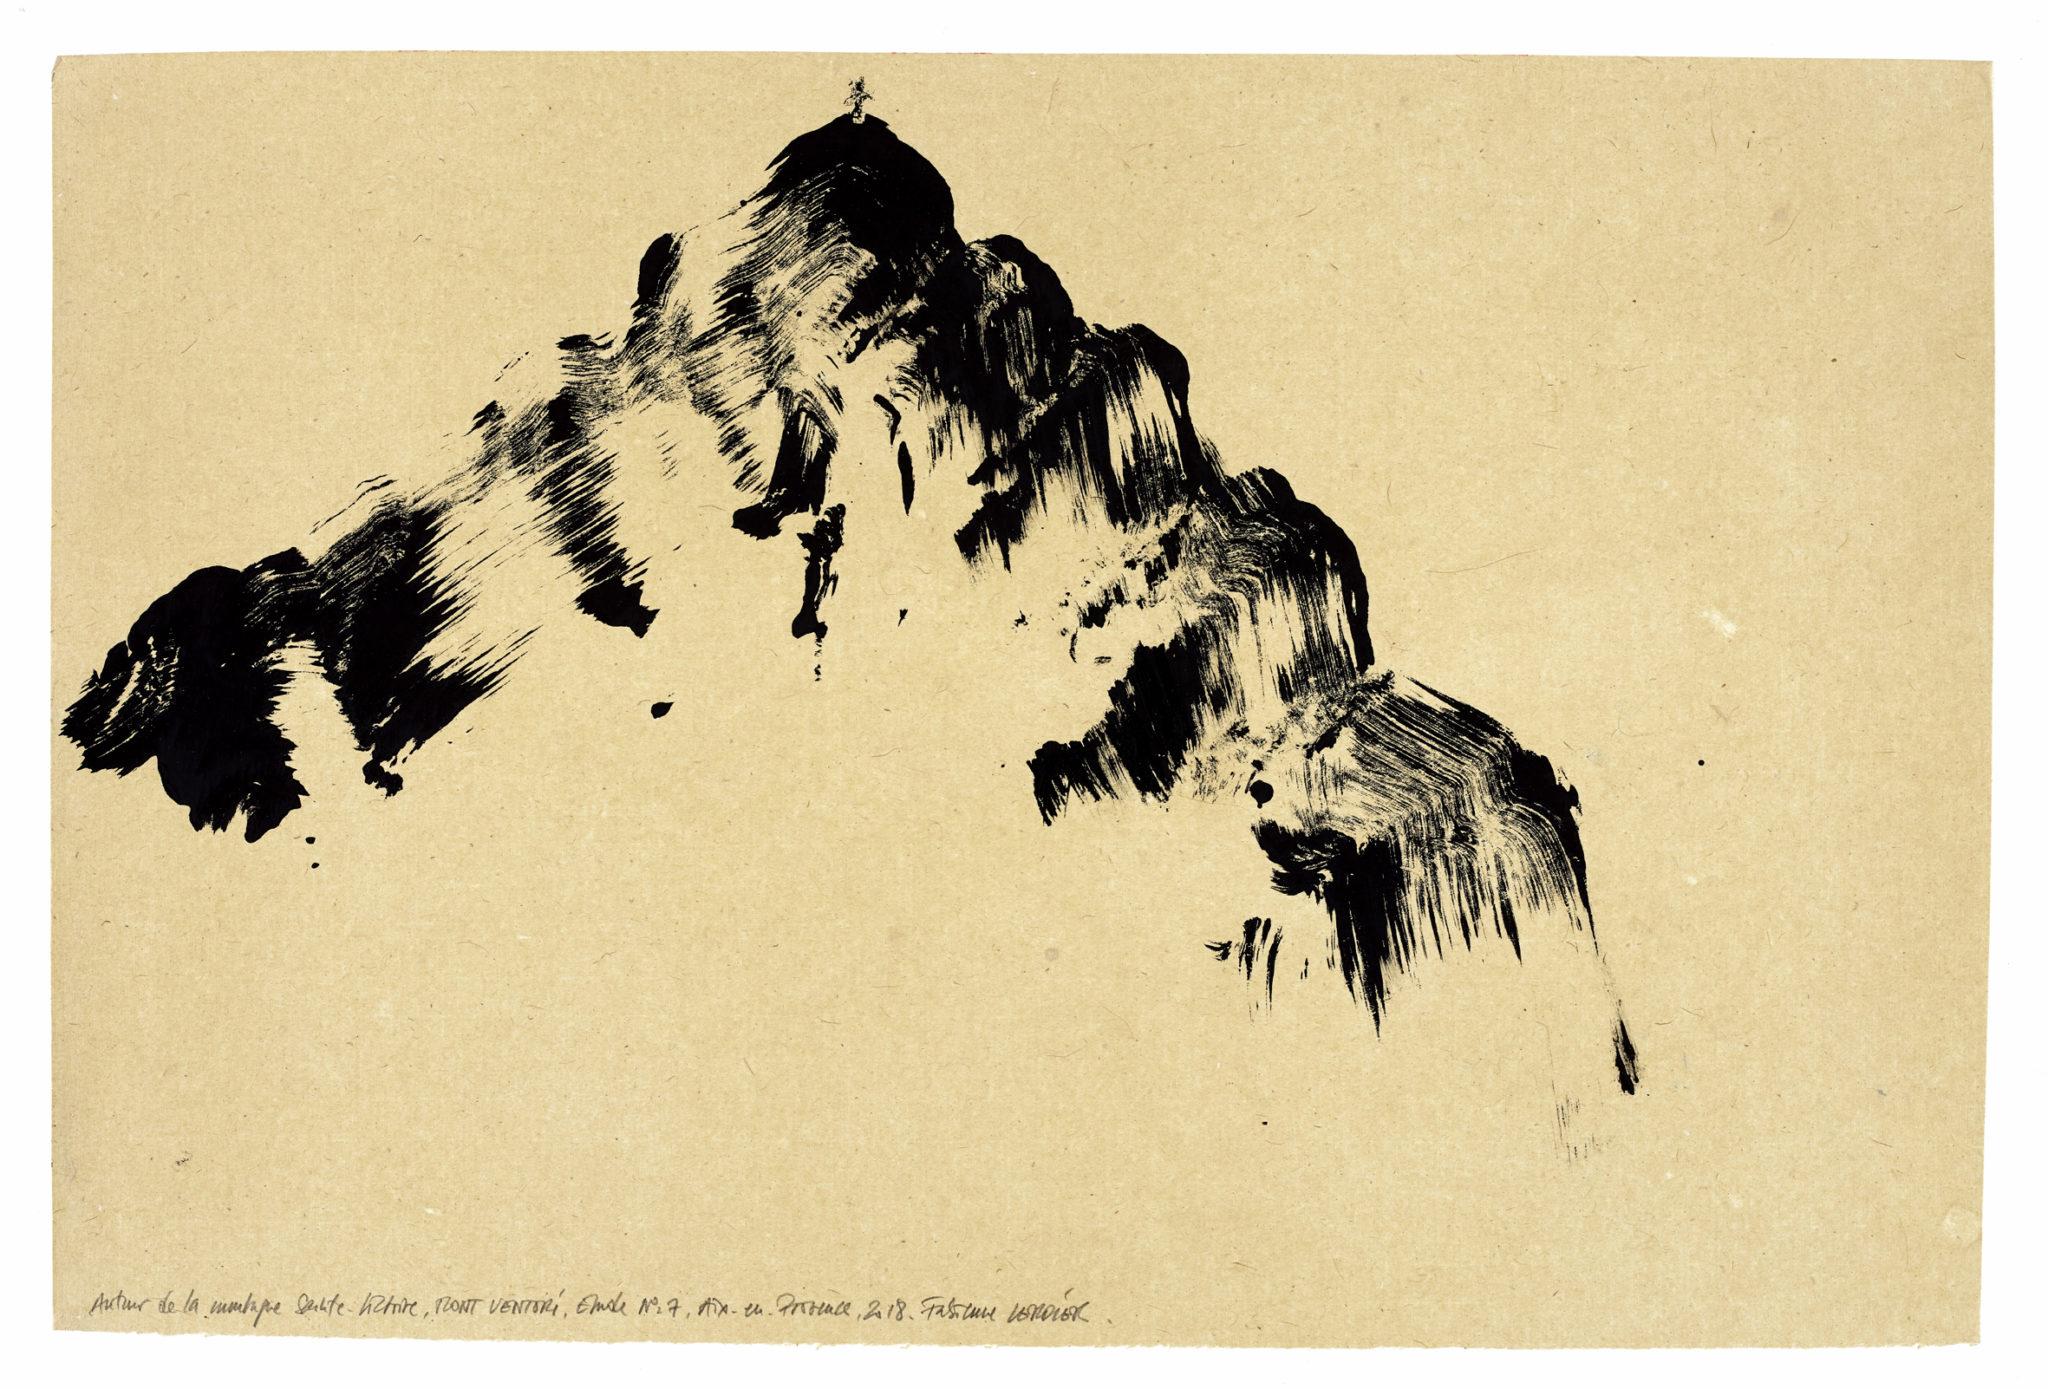 Fabienne Verdier, Autour de la montagne Sainte-Victoire, Mont Venturi, étude n°07, 2018_Gouache sur papier, marouflée, 46 x 69 cm © Courtesy Galerie Lelong & Co